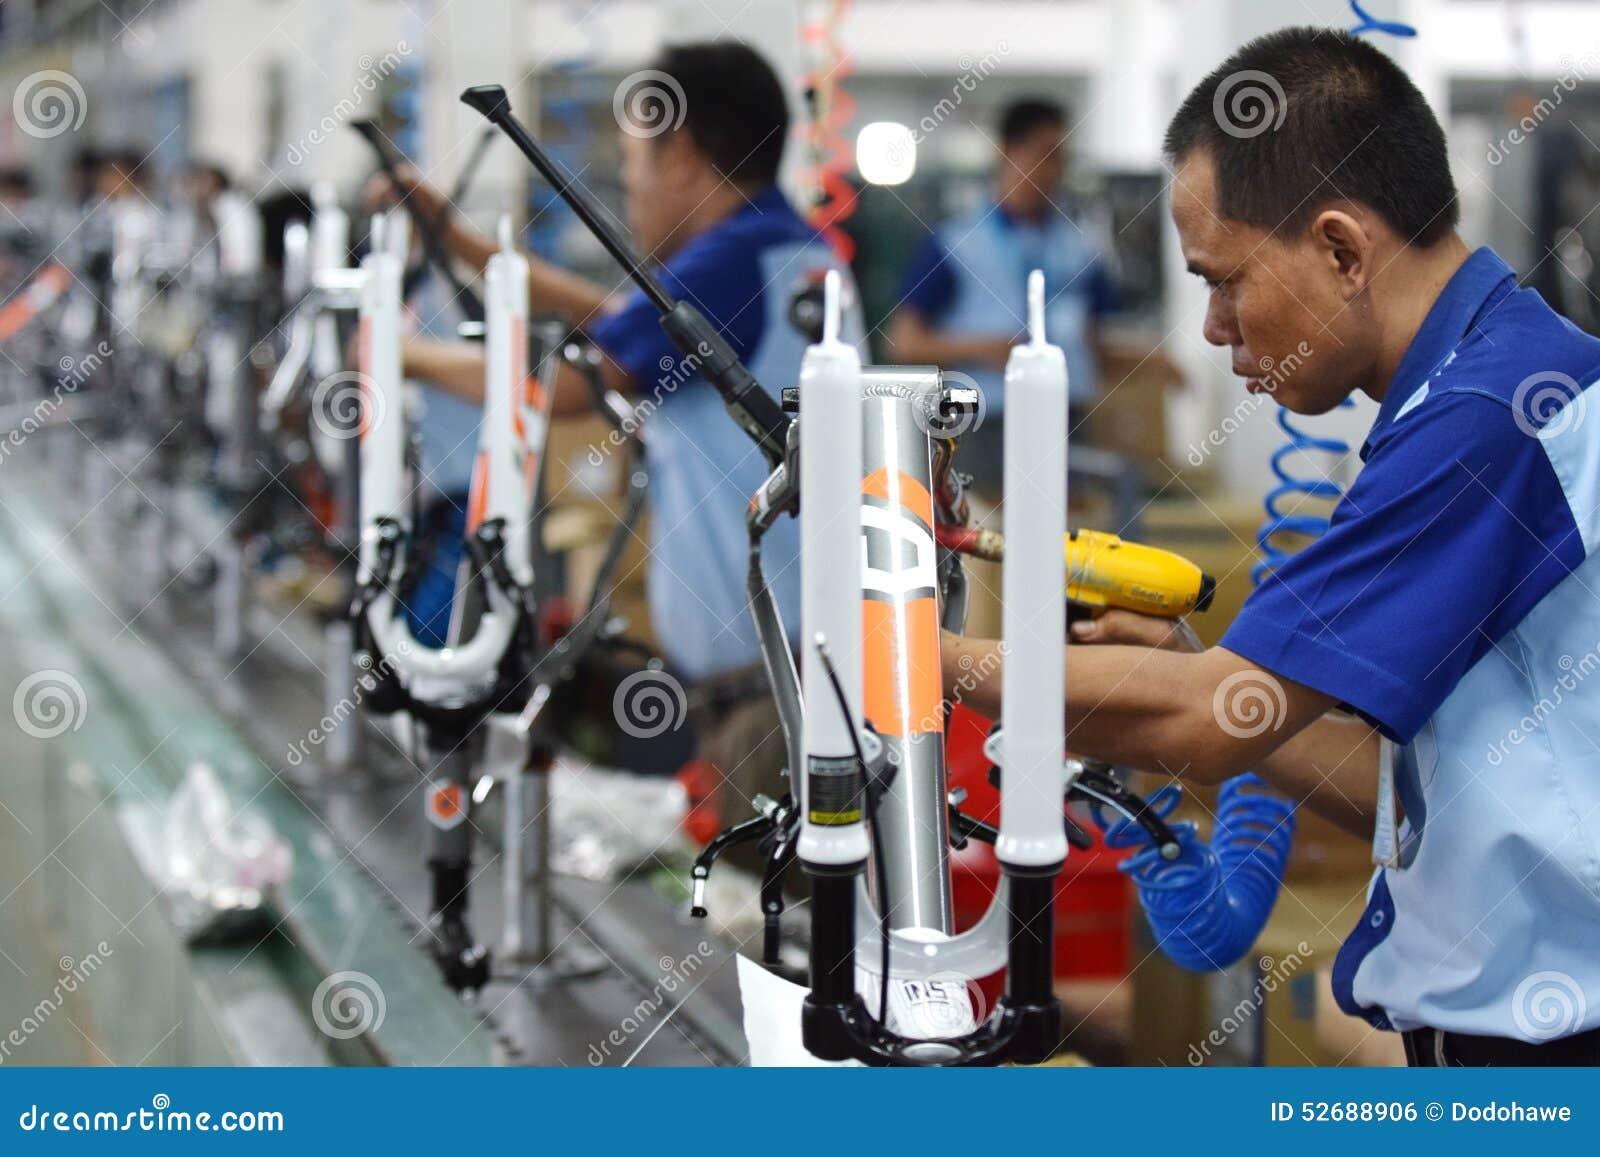 Enhetscykelcykel från Indonesien